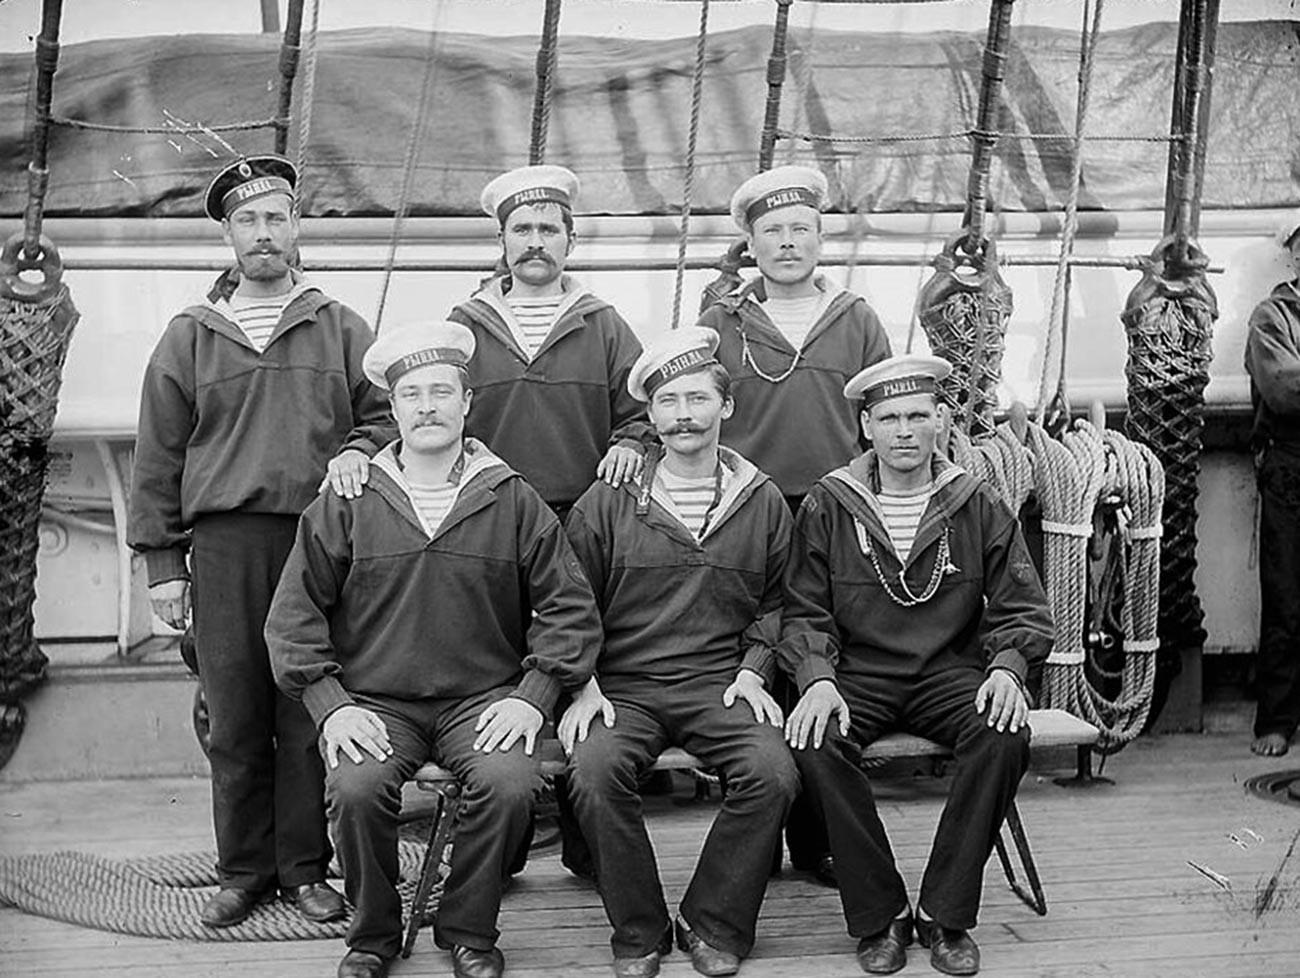 Des marins russes du XIXe siècle en telniachkas à l'ancienne